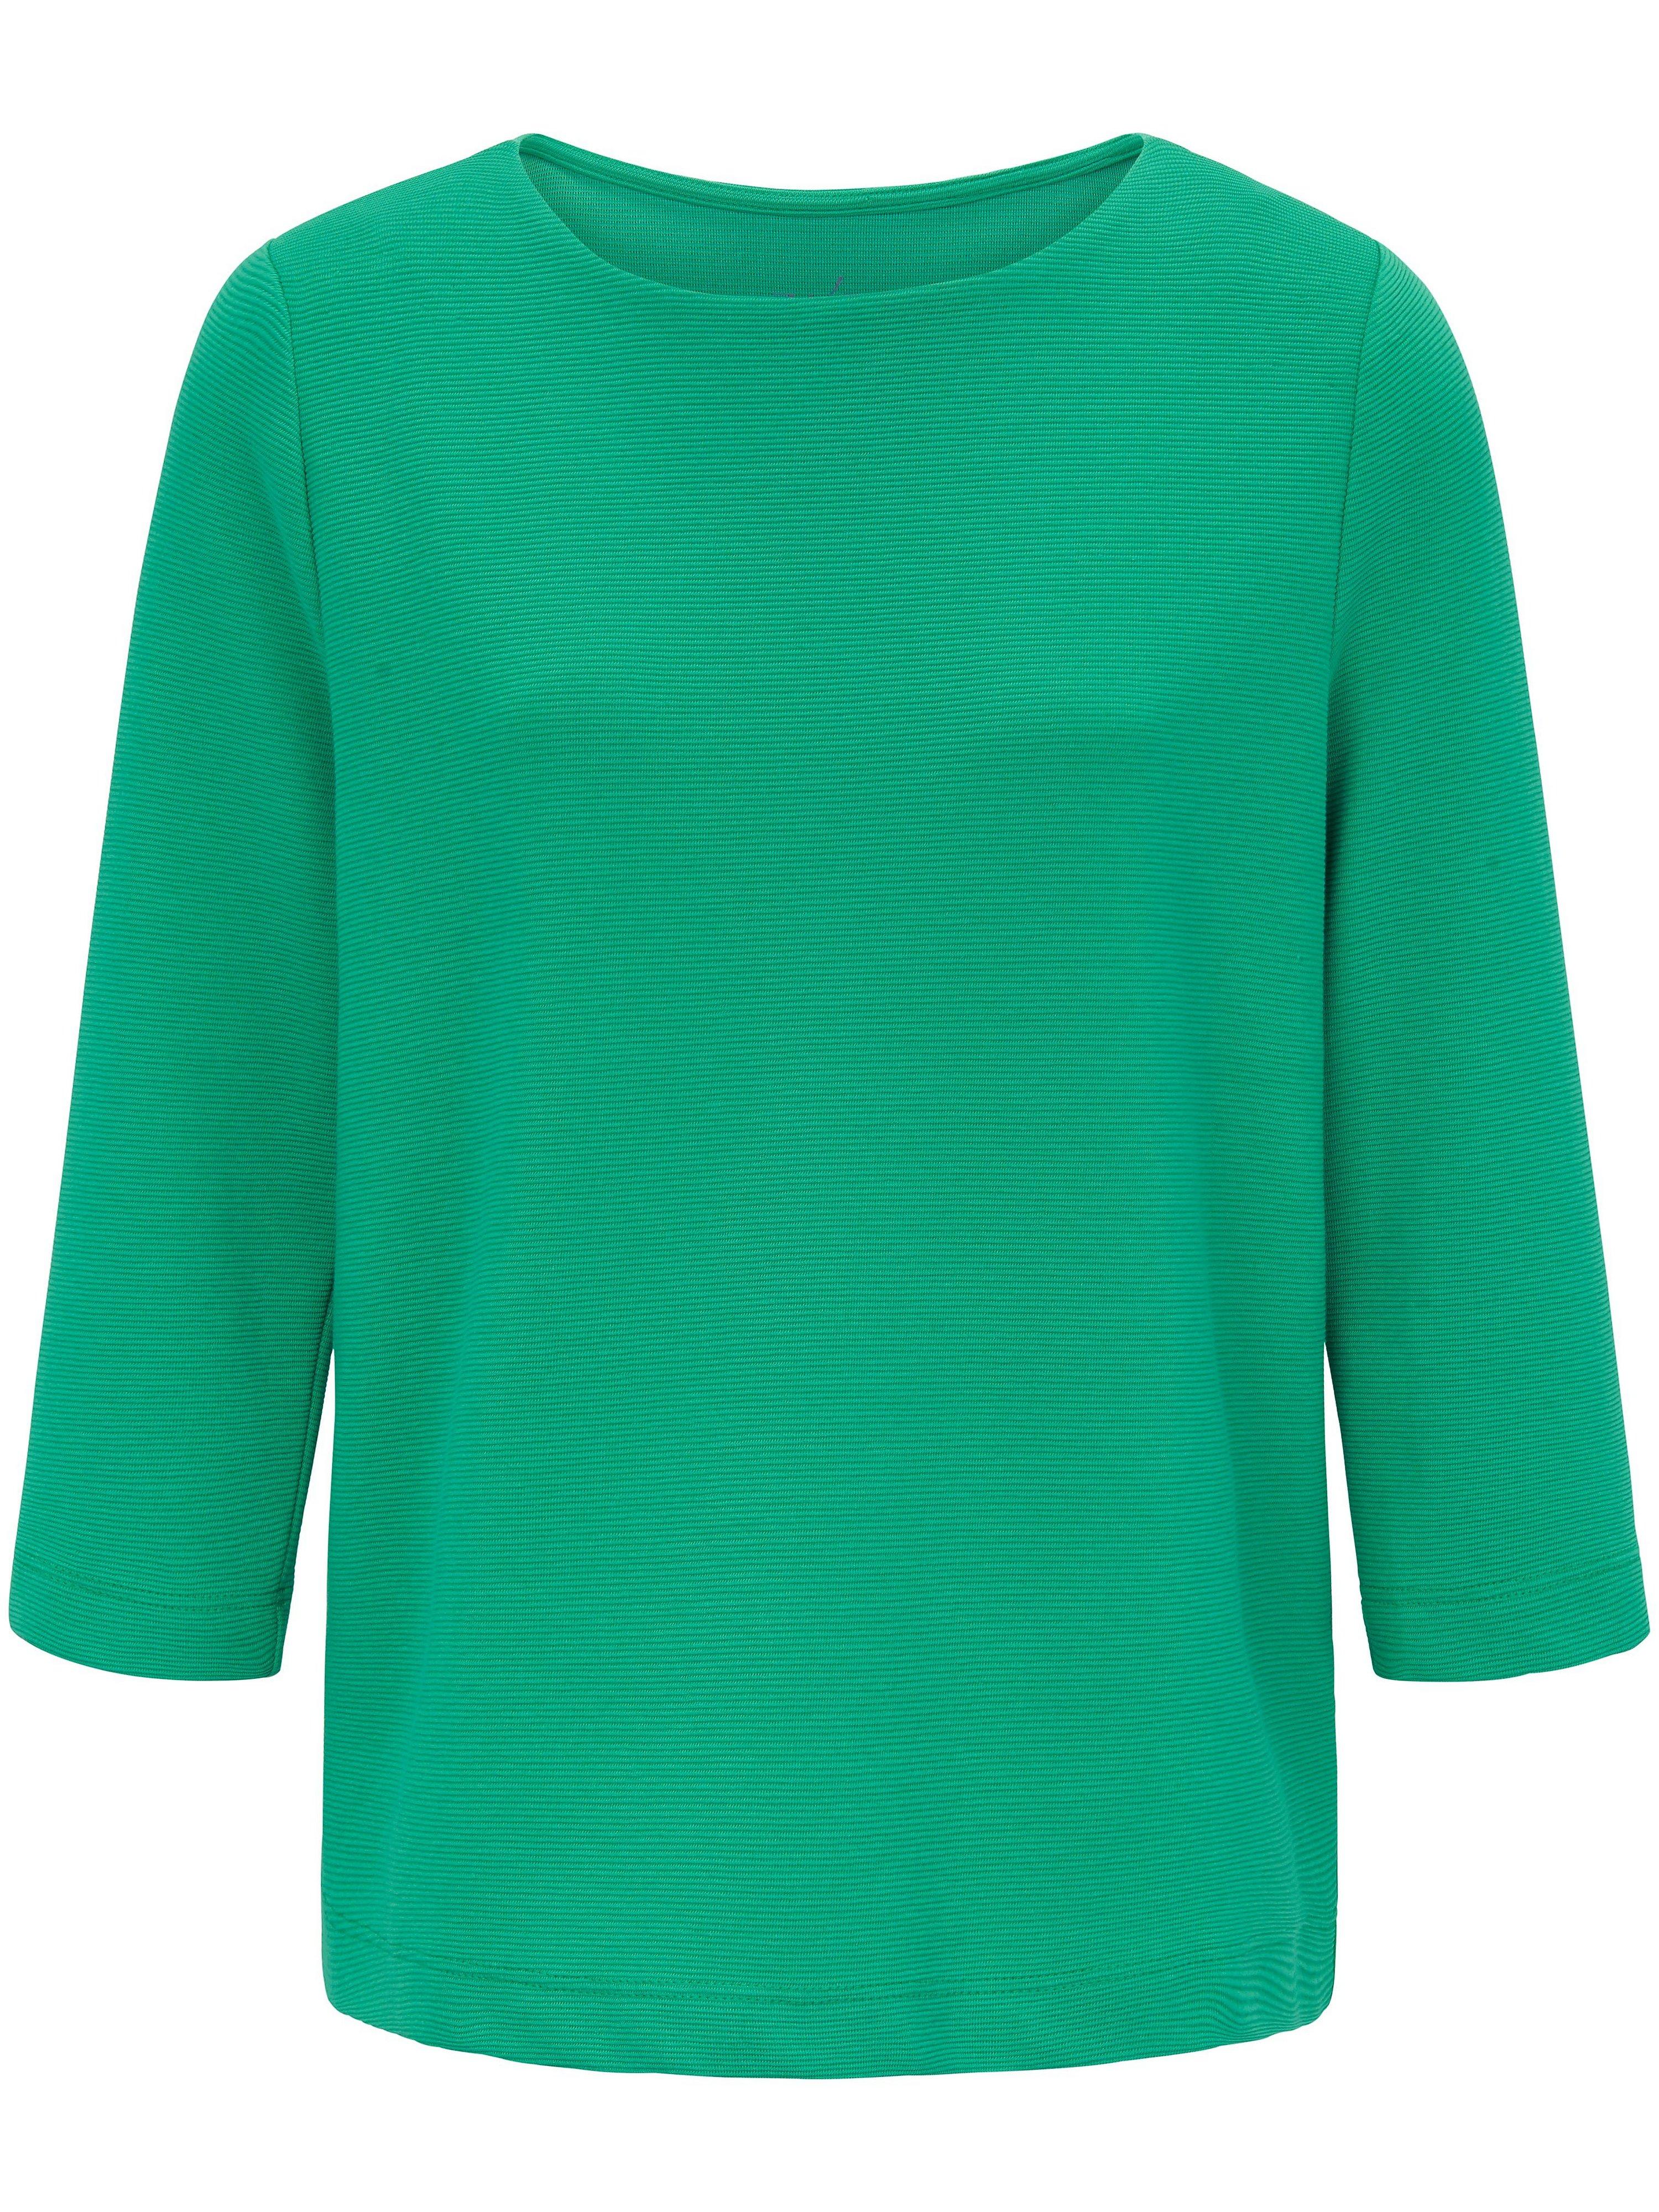 Le T-shirt manches 3/4  ZAIDA vert taille 38